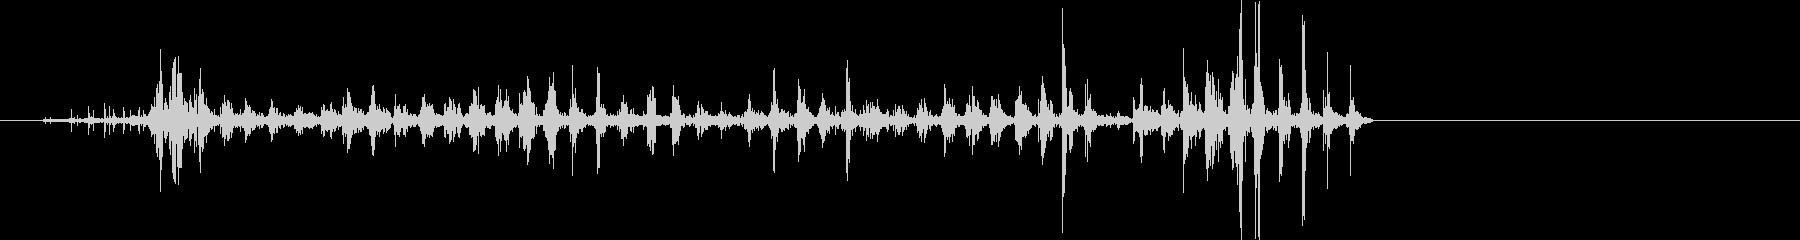 コウモリ、フルーツウイングフラップ...の未再生の波形